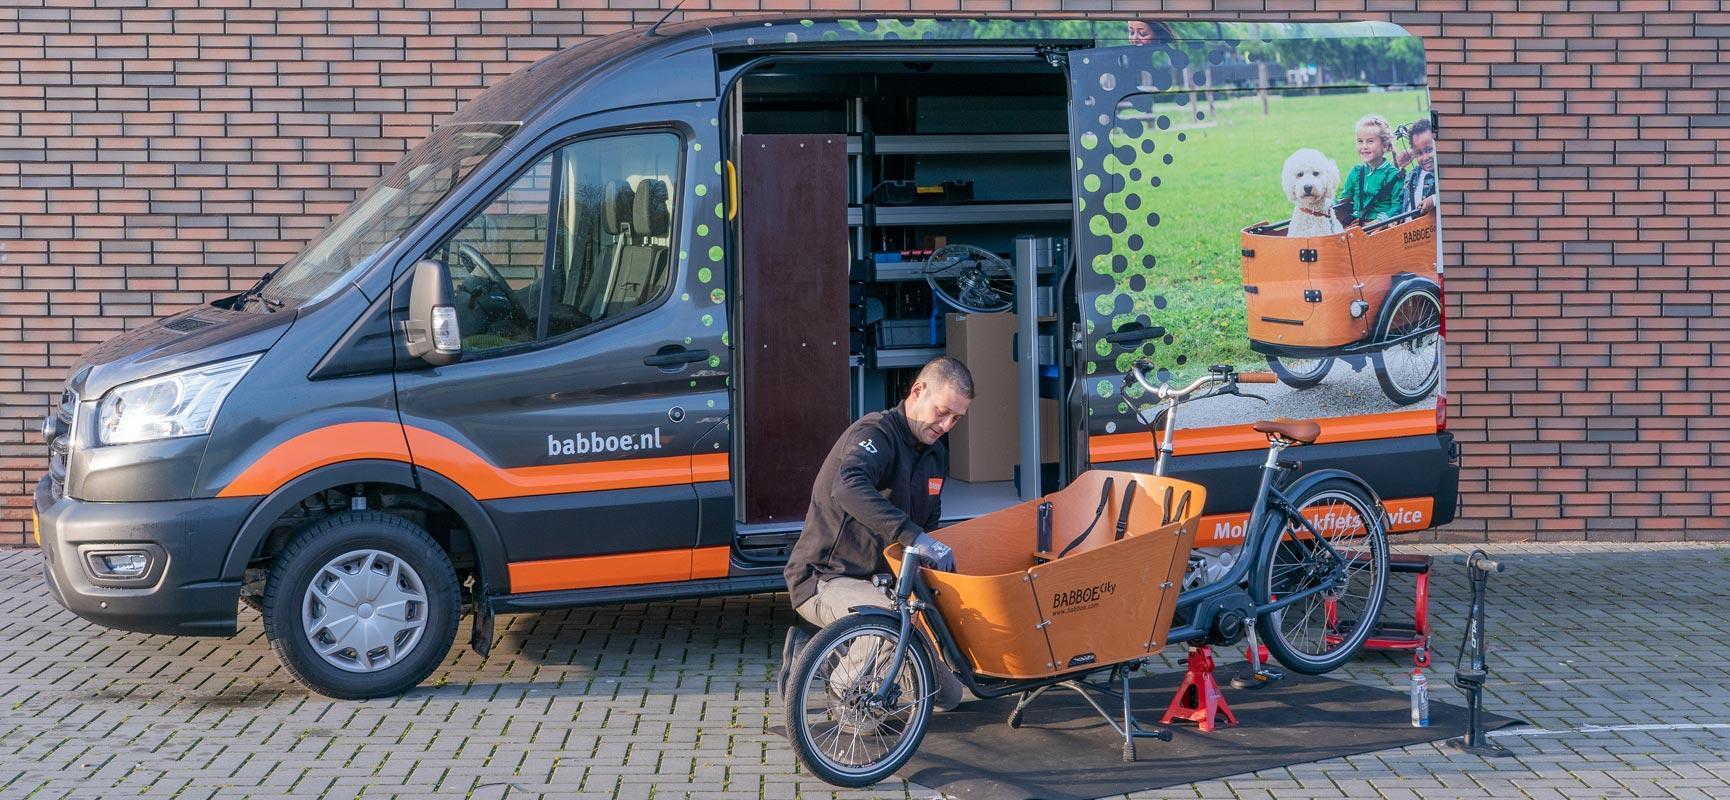 7 conseils d'entretien pour les vélos cargos